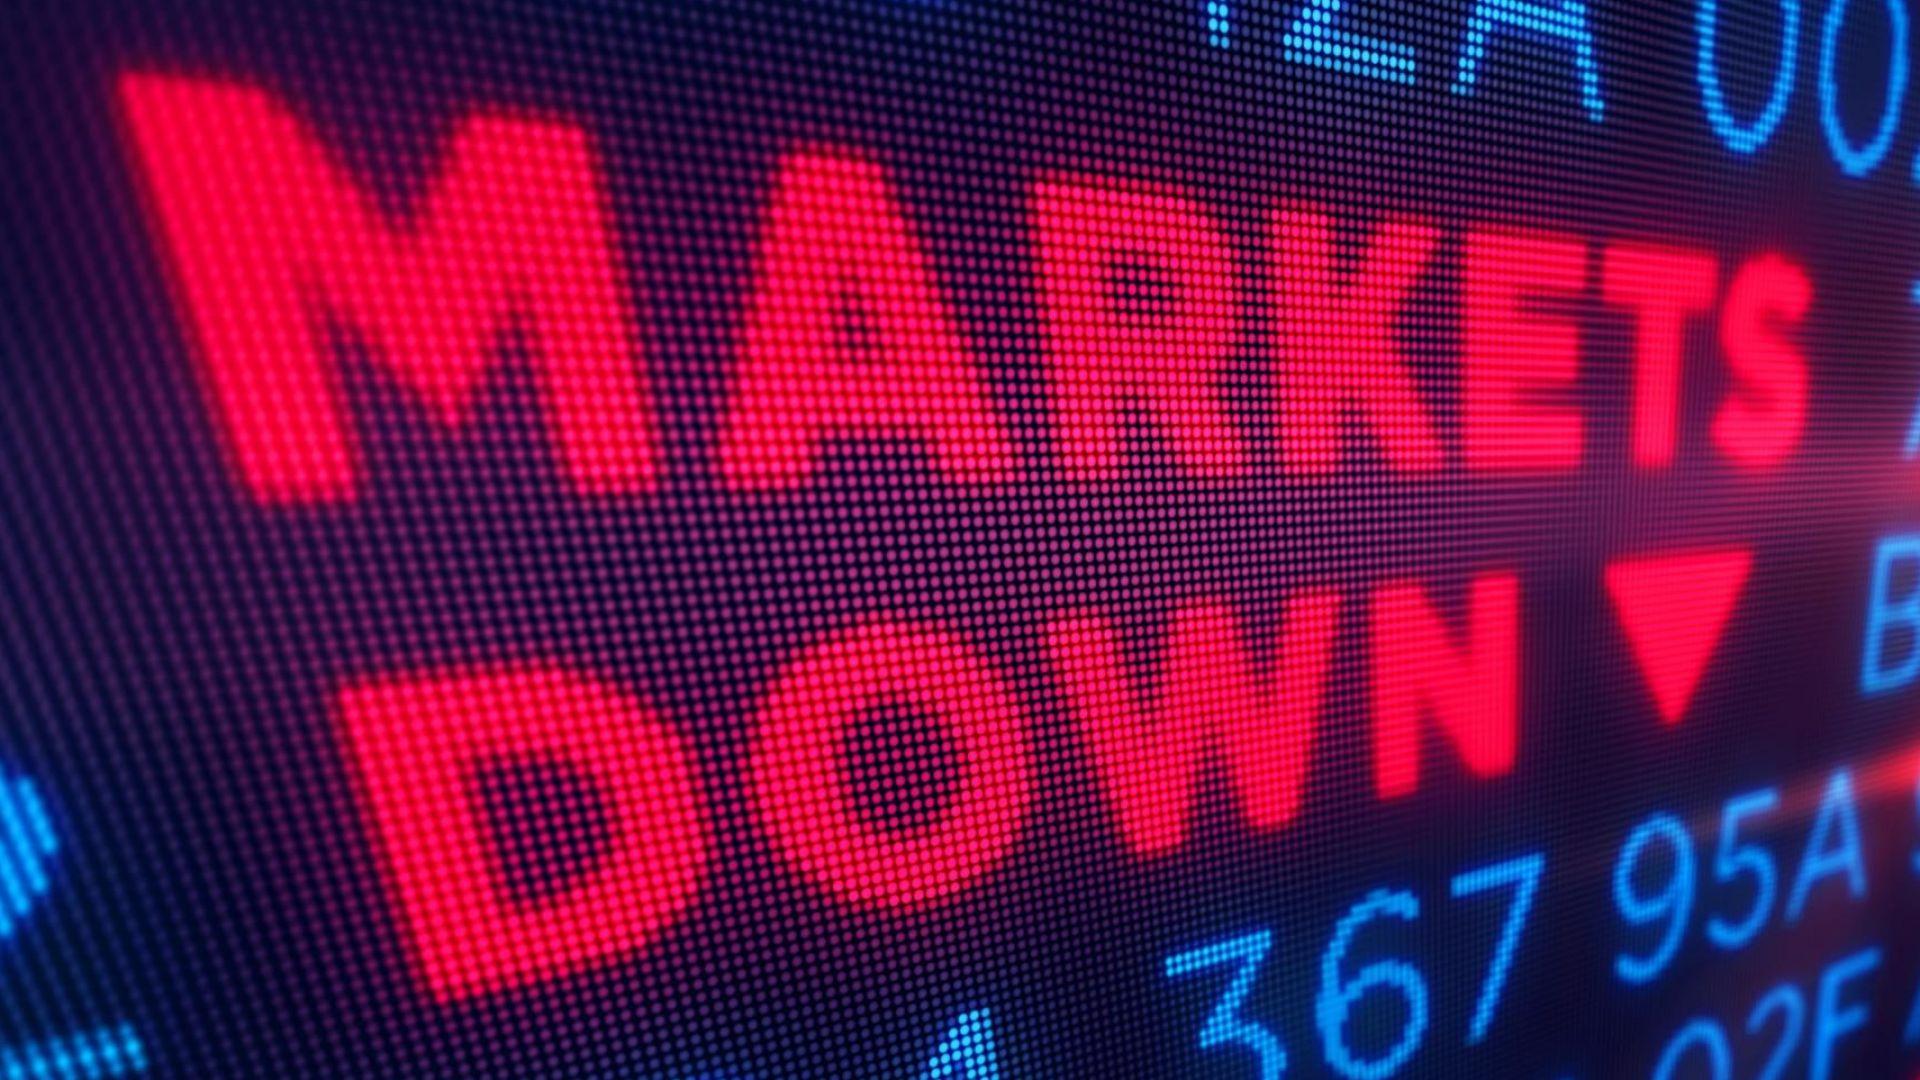 Експерт: Навлизаме в спад на икономиката и рецесия през 2019 година